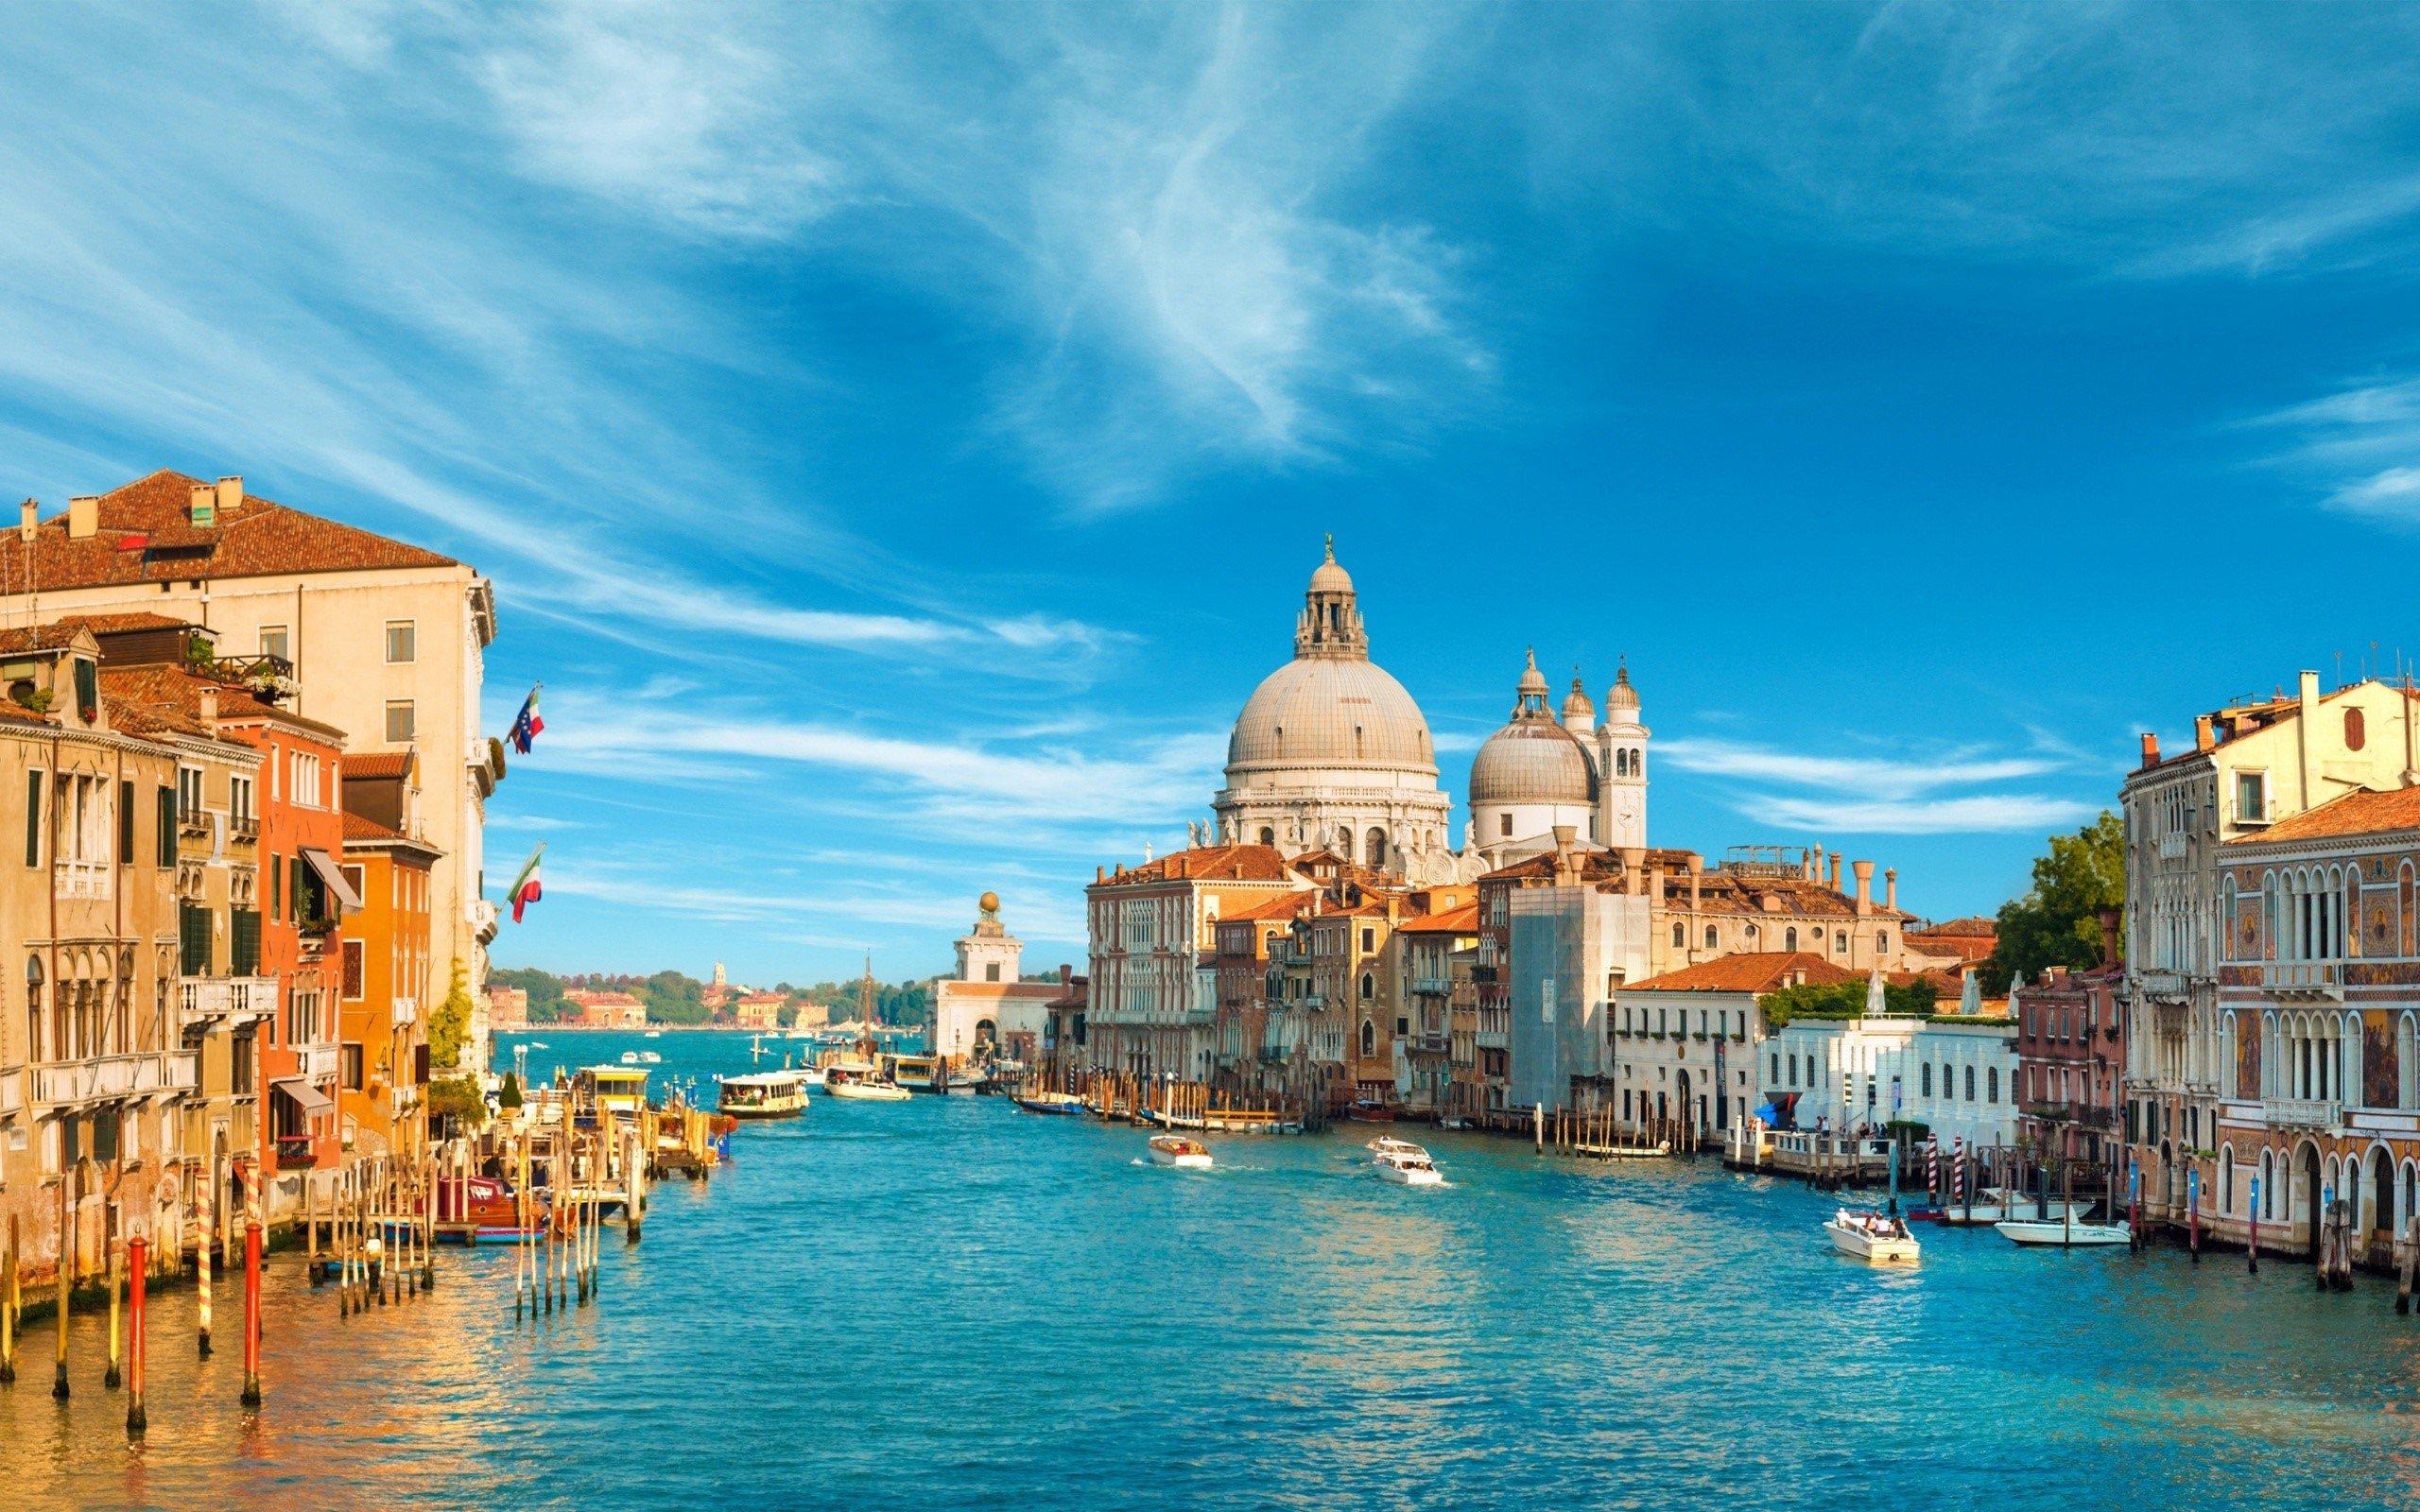 Wallpaper Canal en Venicia Italia Images